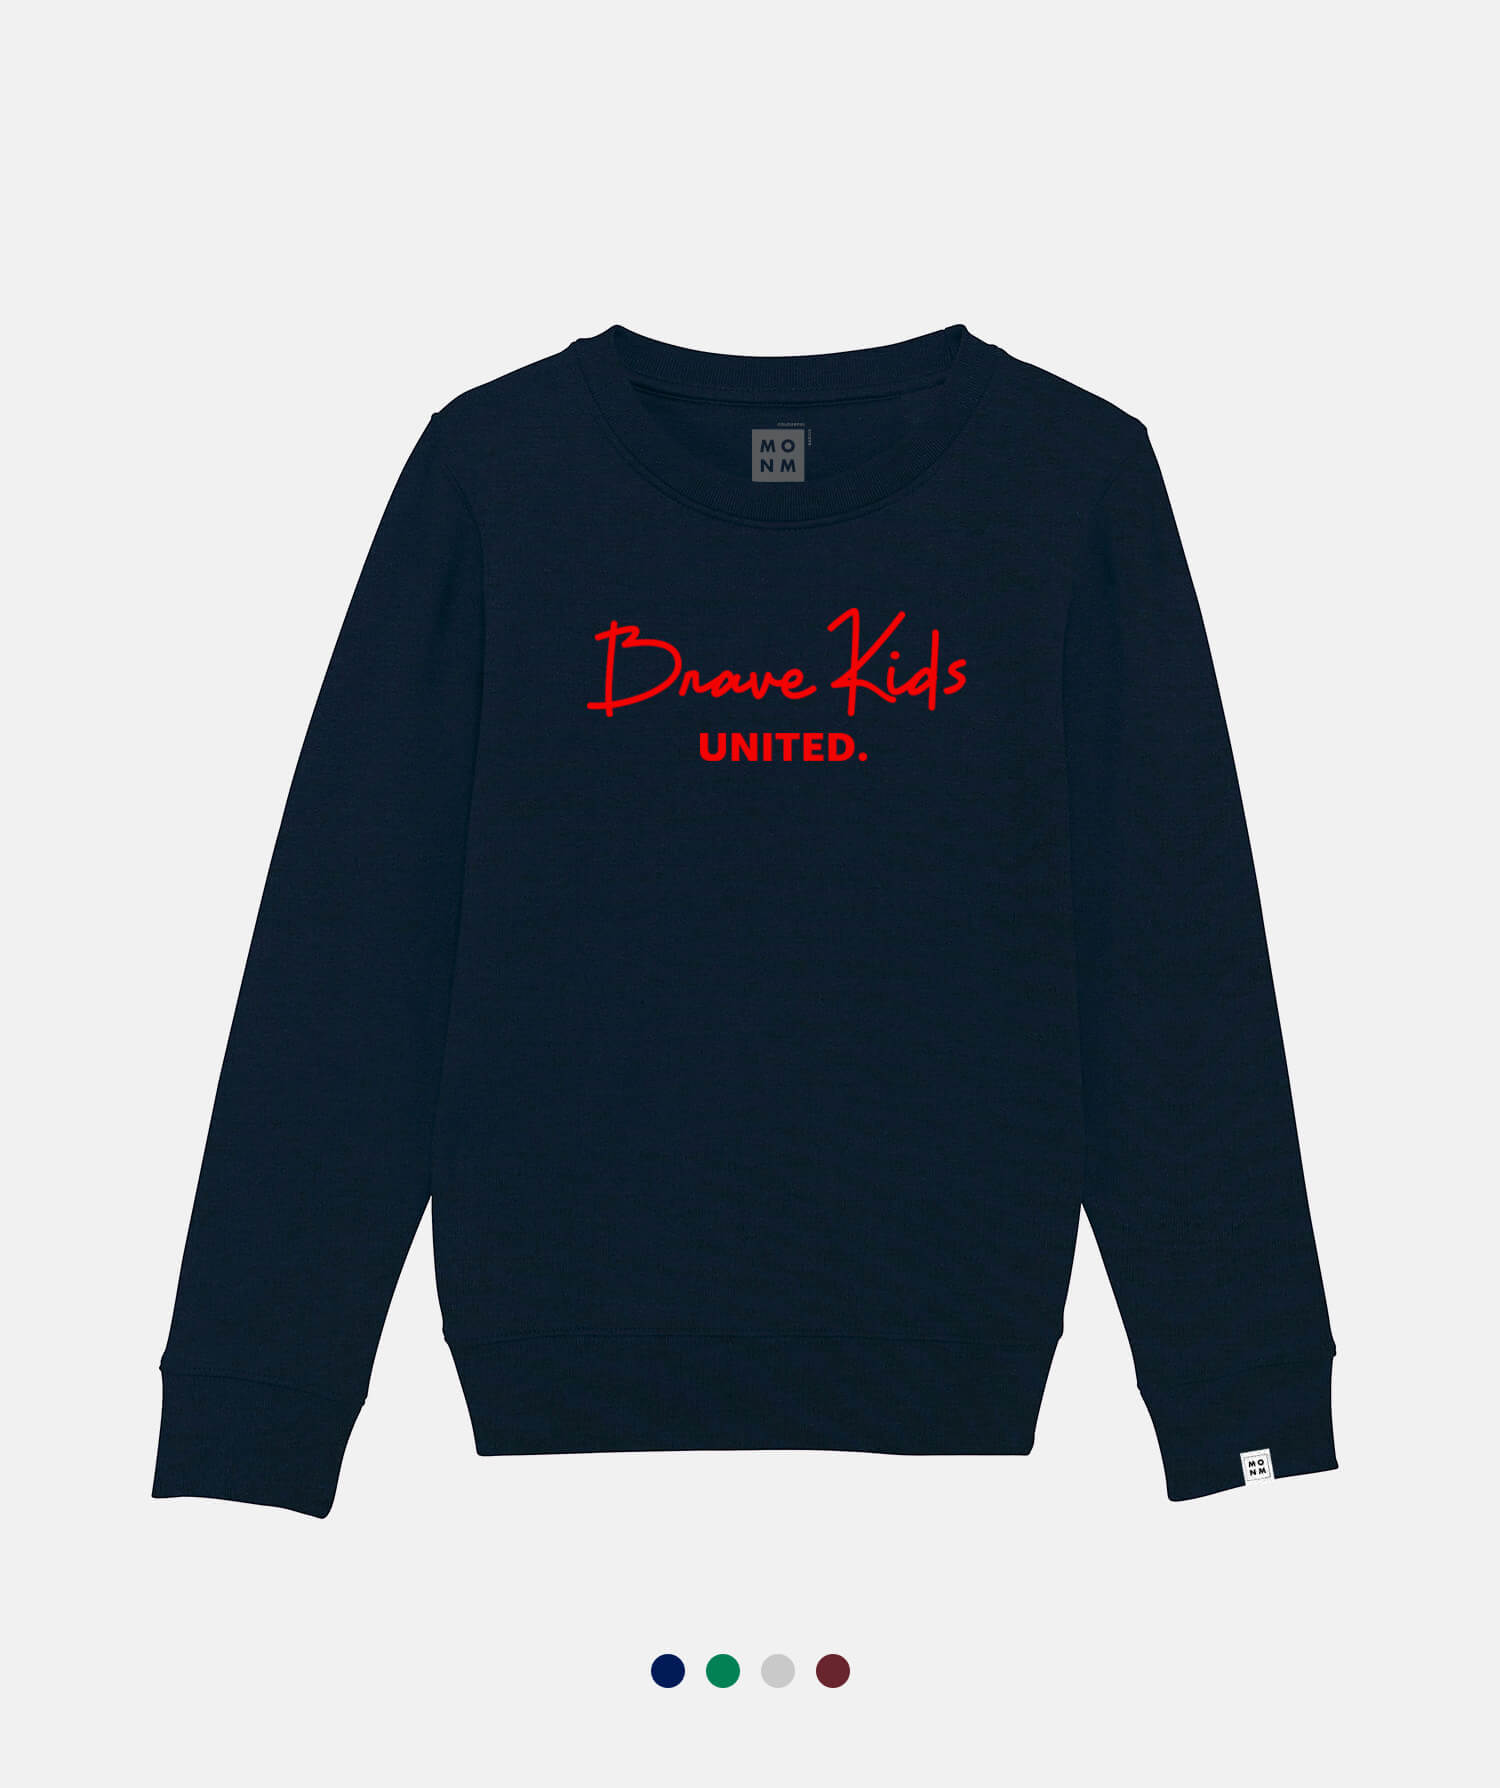 Brave Kids united sweater voor kinderen van Mangos on Monday